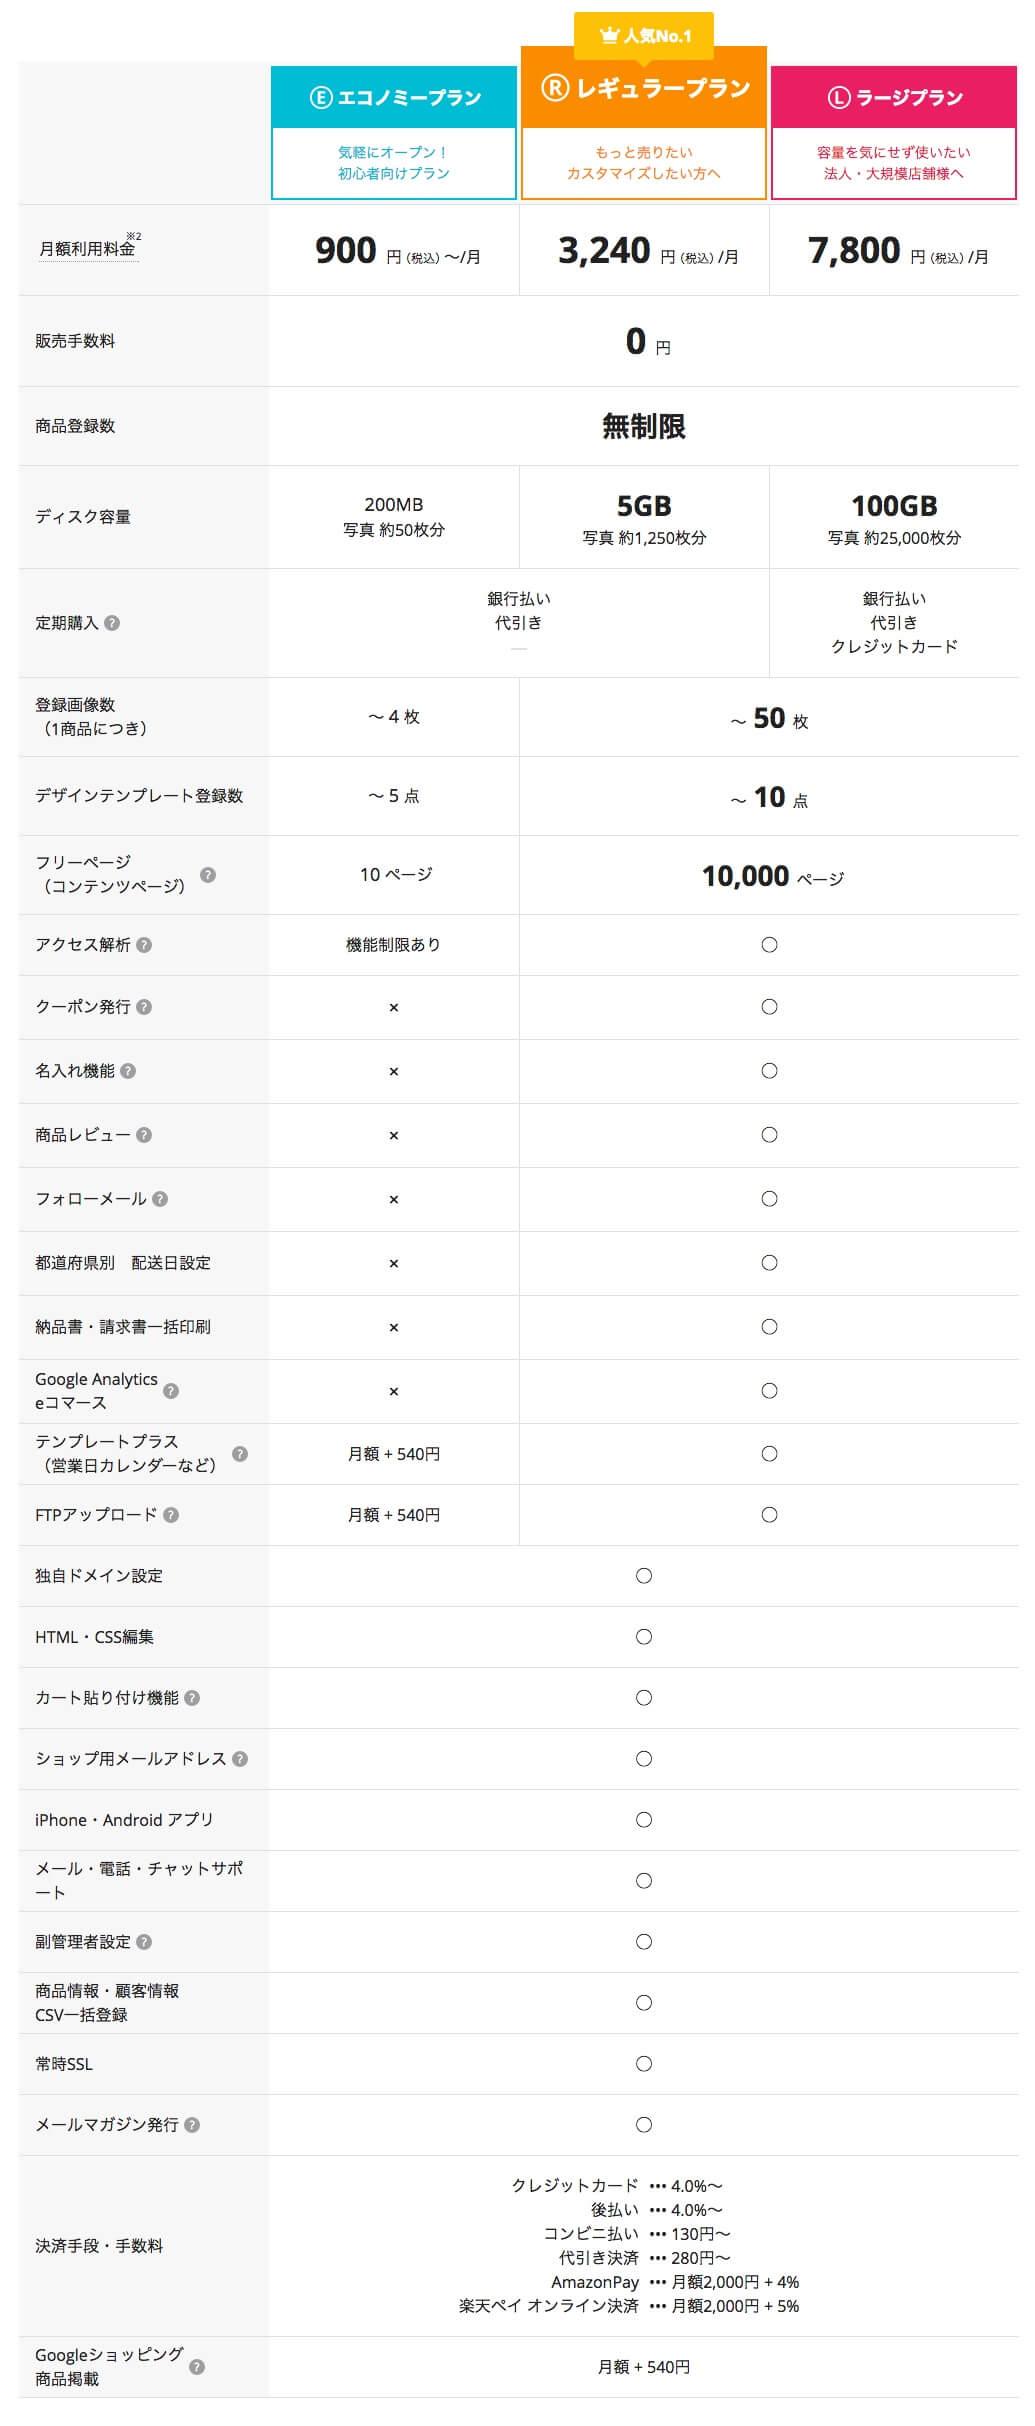 カラーミーショップ・プラン表